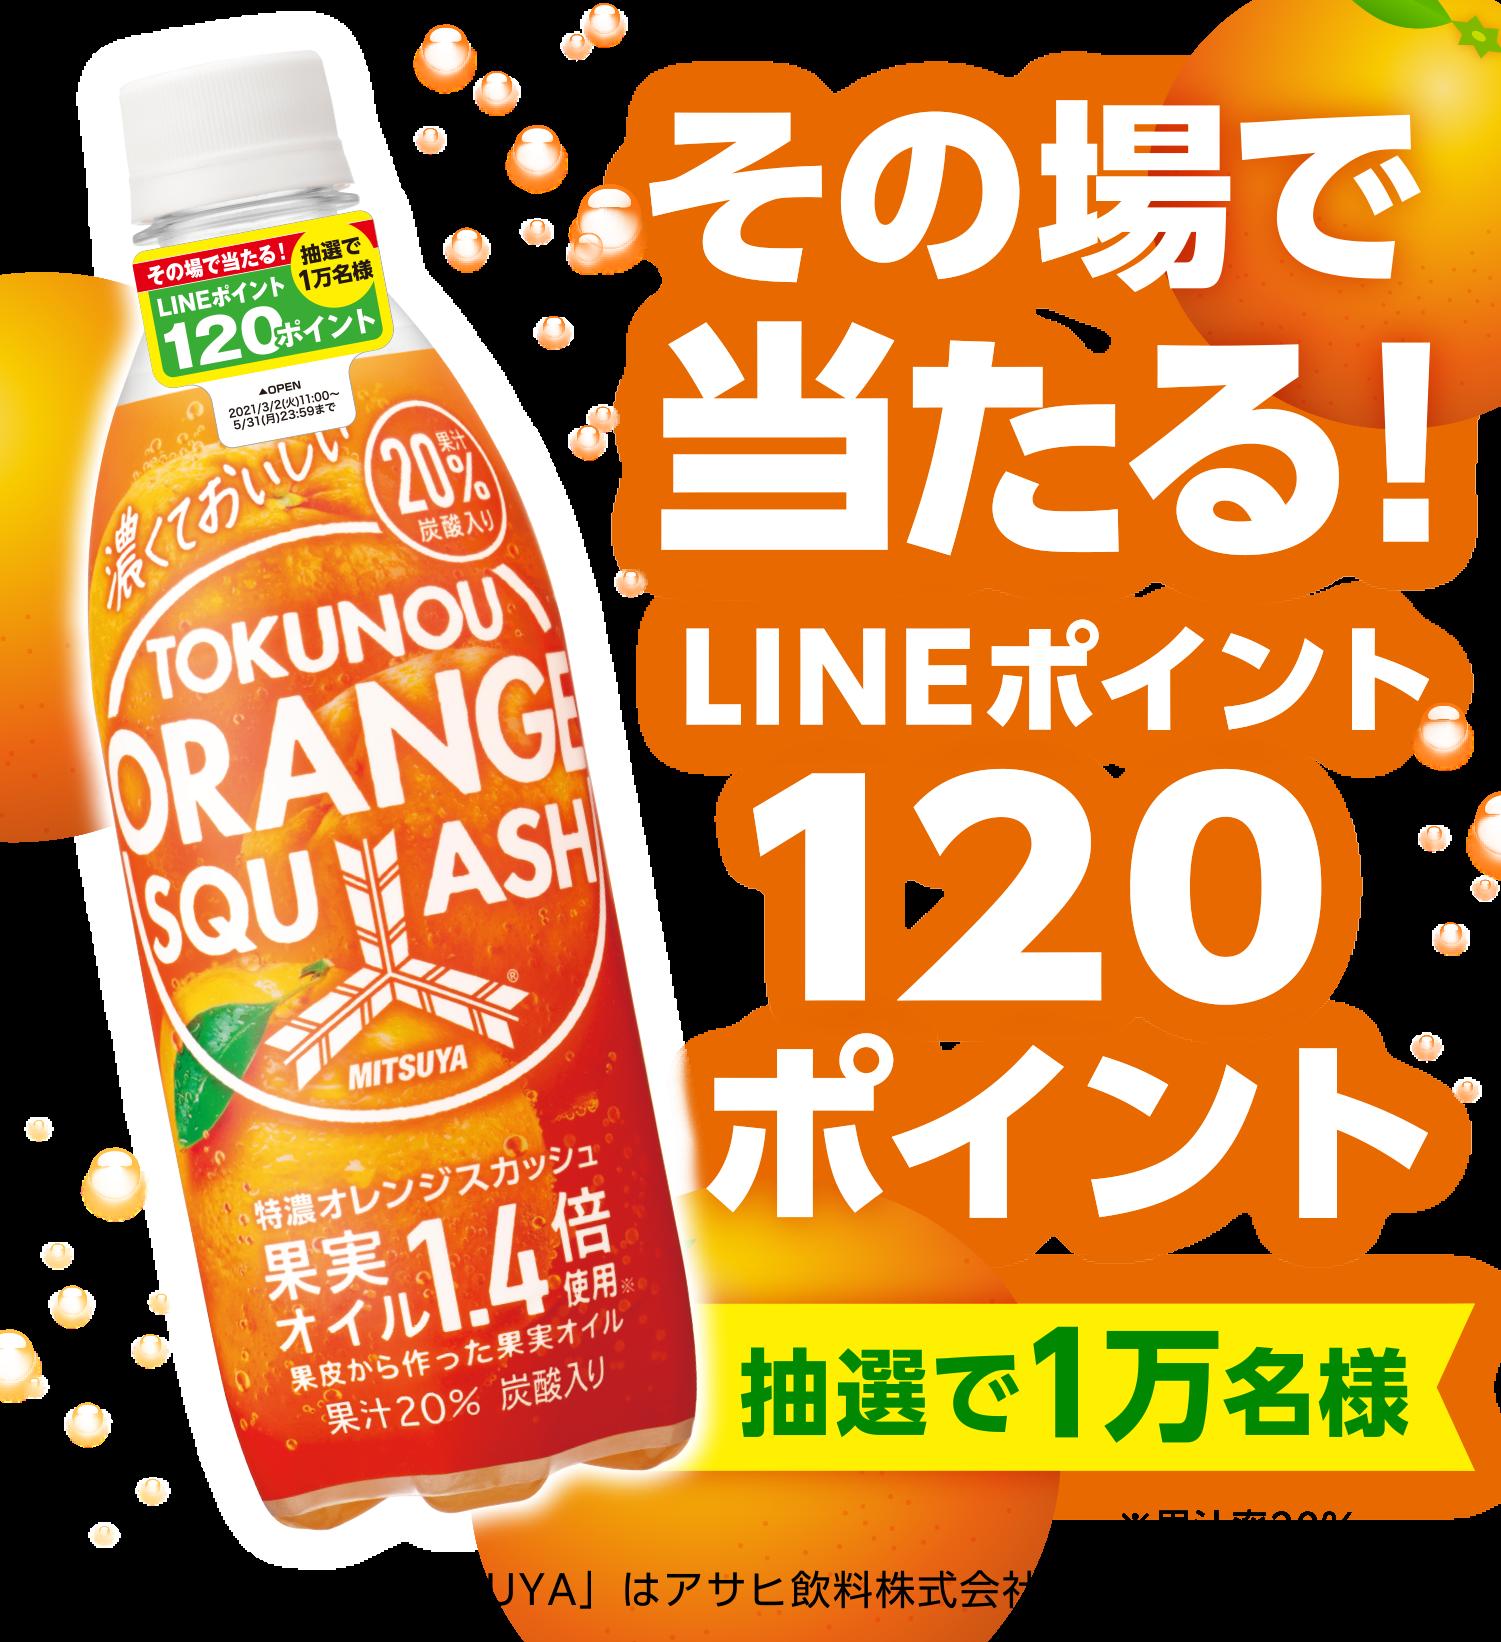 「三ツ矢」特濃オレンジスカッシュ LINEポイントキャンペーン|アサヒ飲料